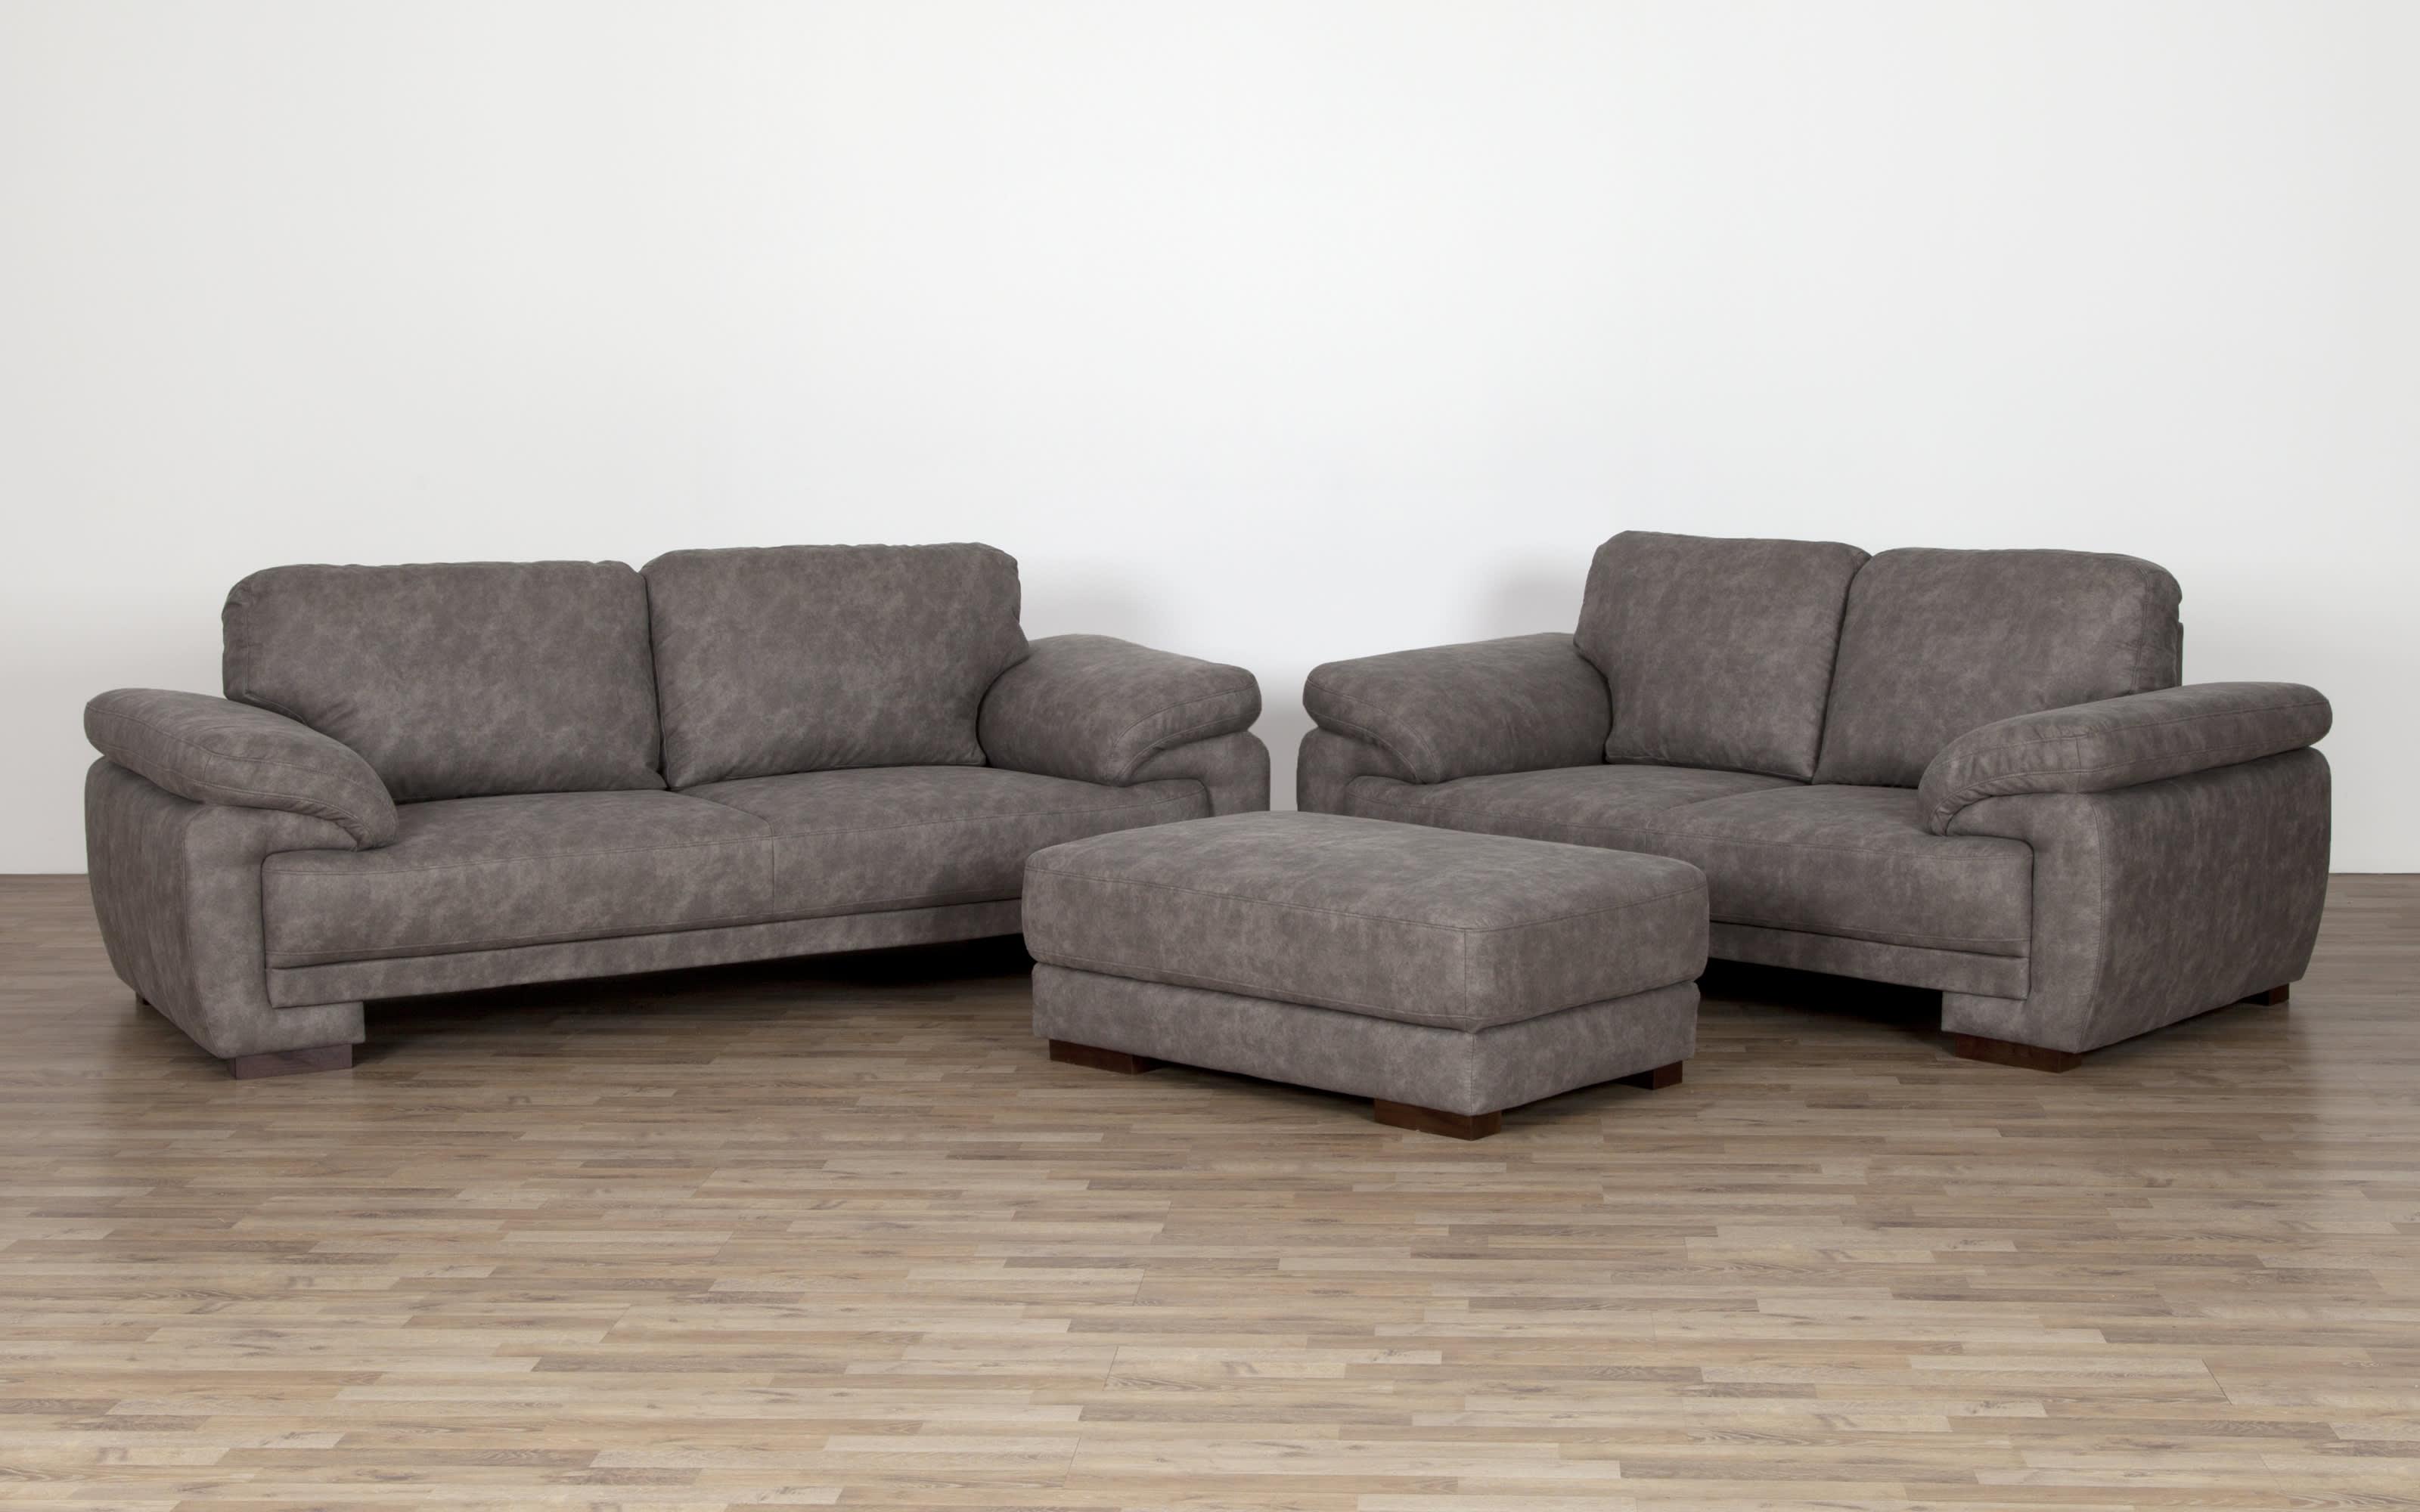 Sofa Neve 12 Sitzer in grau meliert